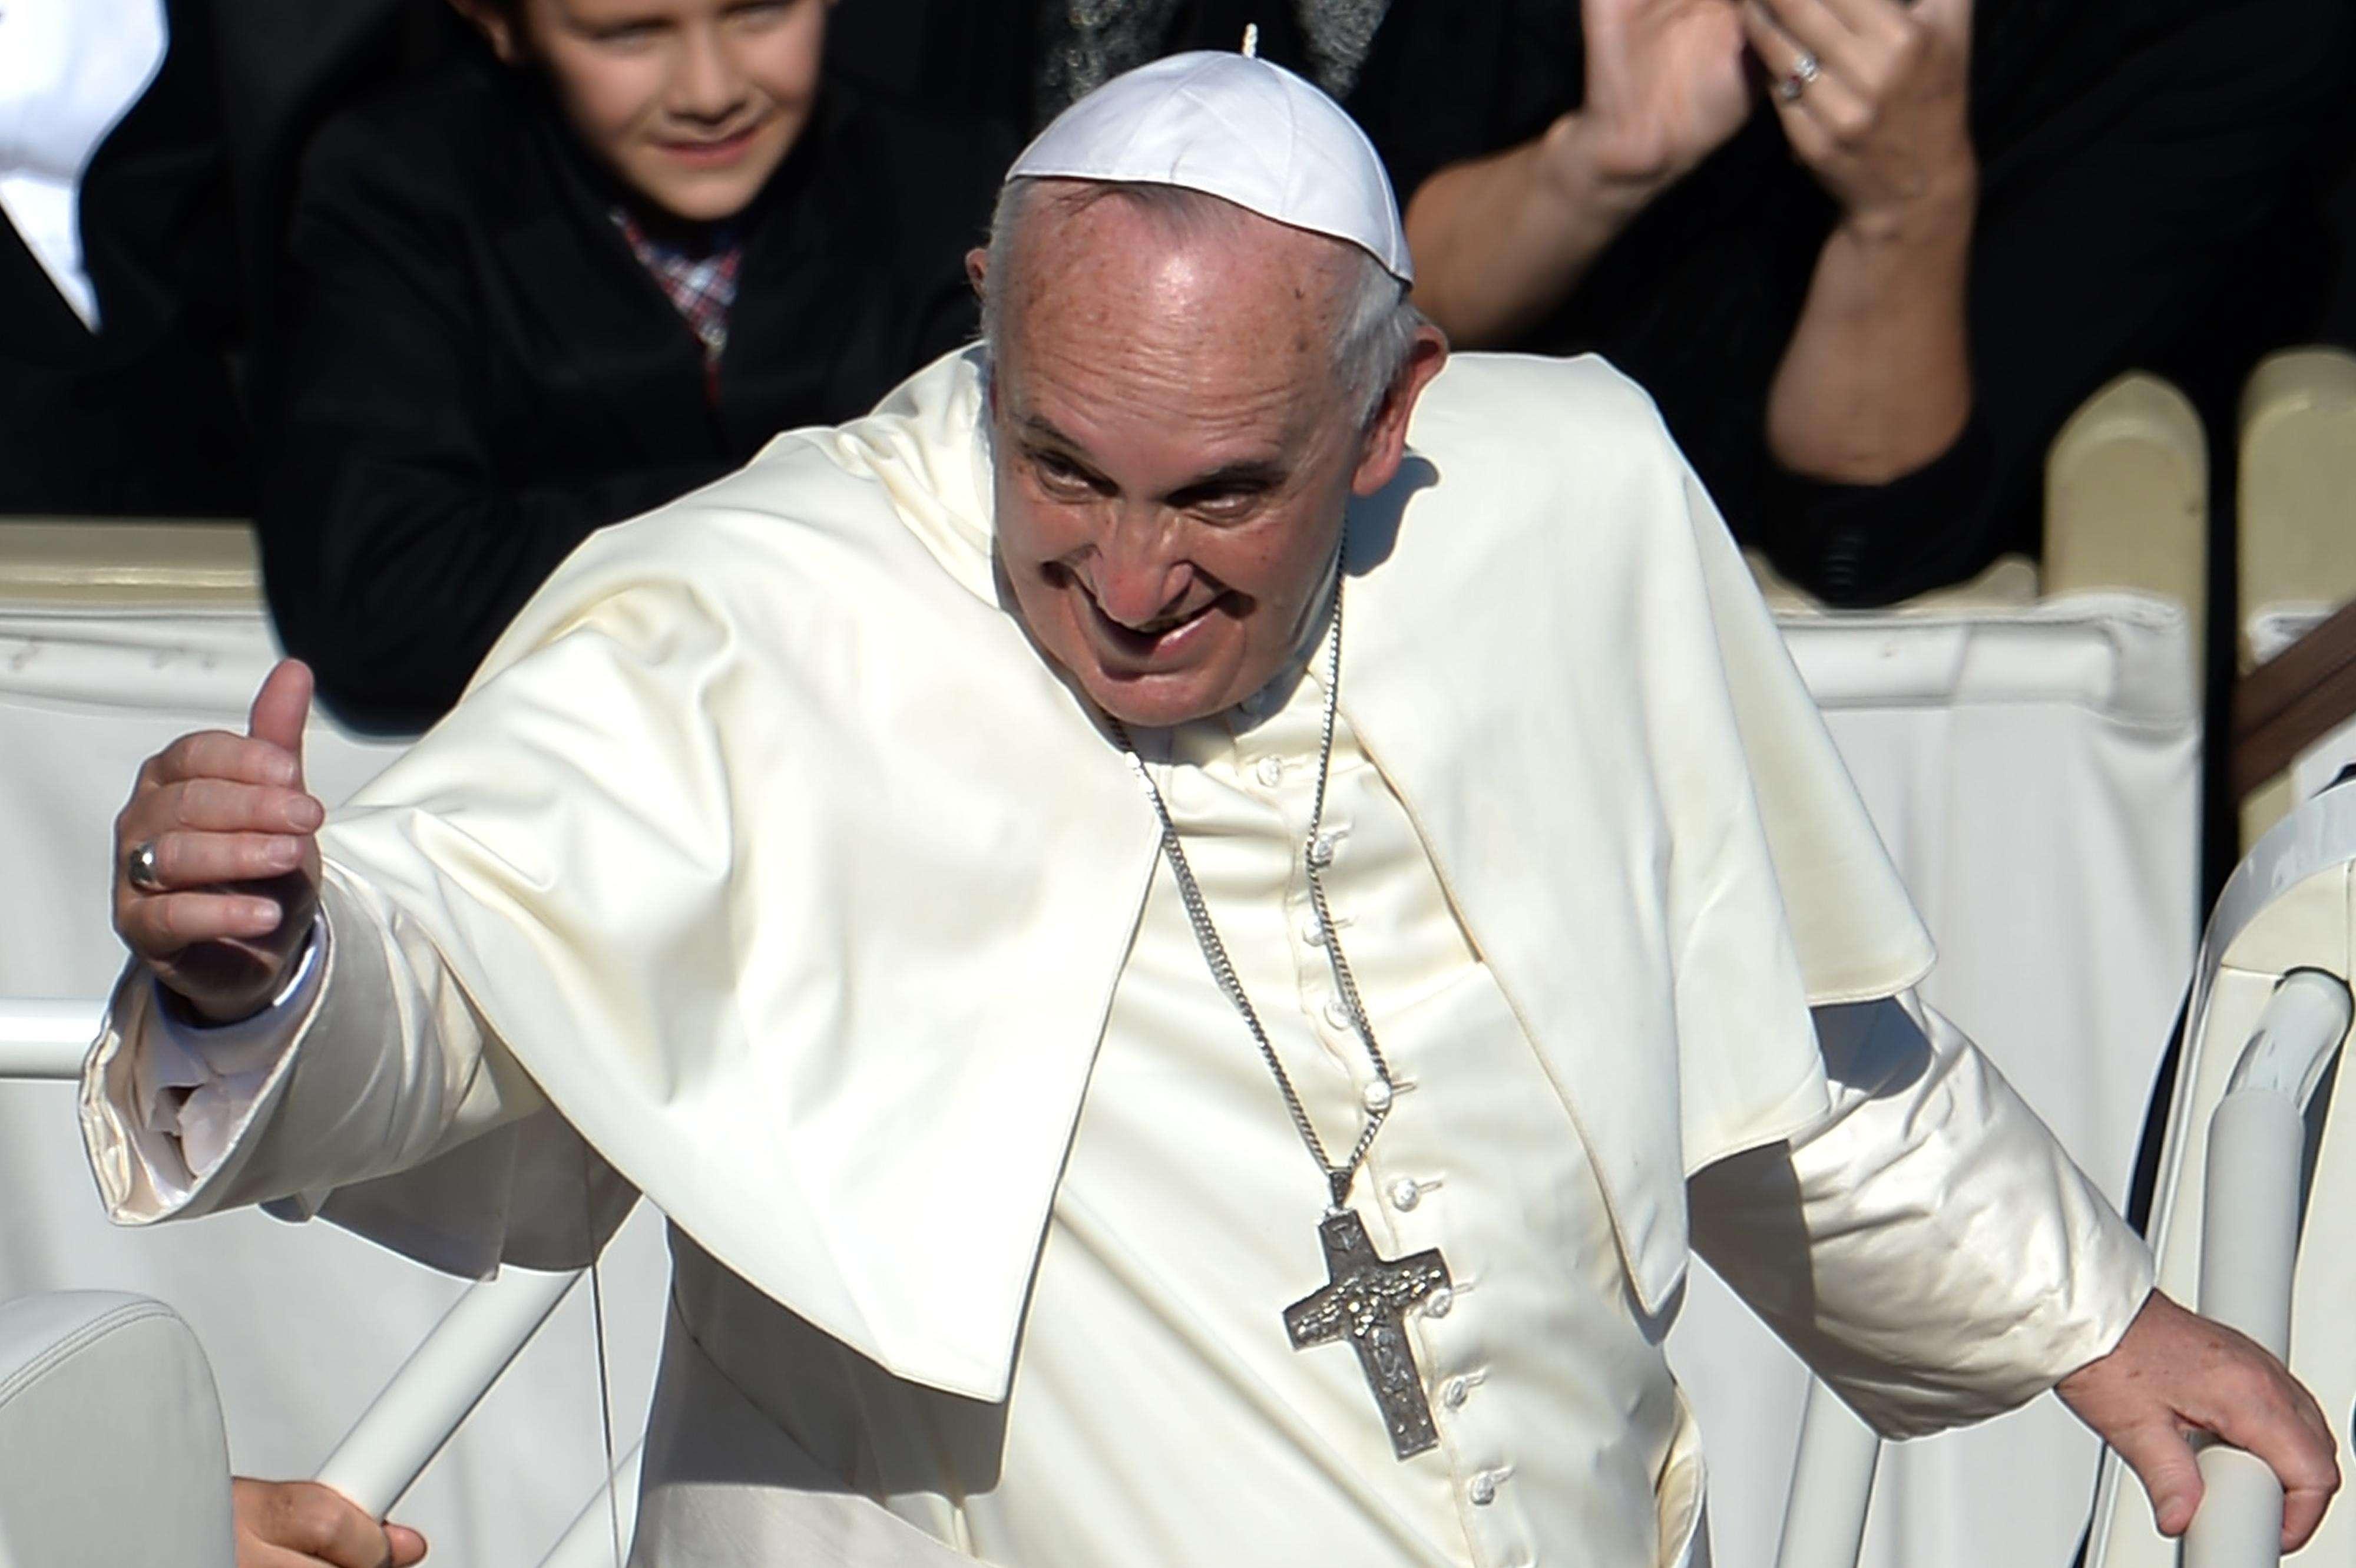 El Papa Francisco encabezó el domingo el cierre de un encuentro de Obispos católicos que dejó en evidencia profundas divisiones en torno a asuntos como la homosexualidad y el divorcio, y dijo que la Iglesia no debería temerle a los cambios ni a los nuevos desafíos. Foto: AFP en español